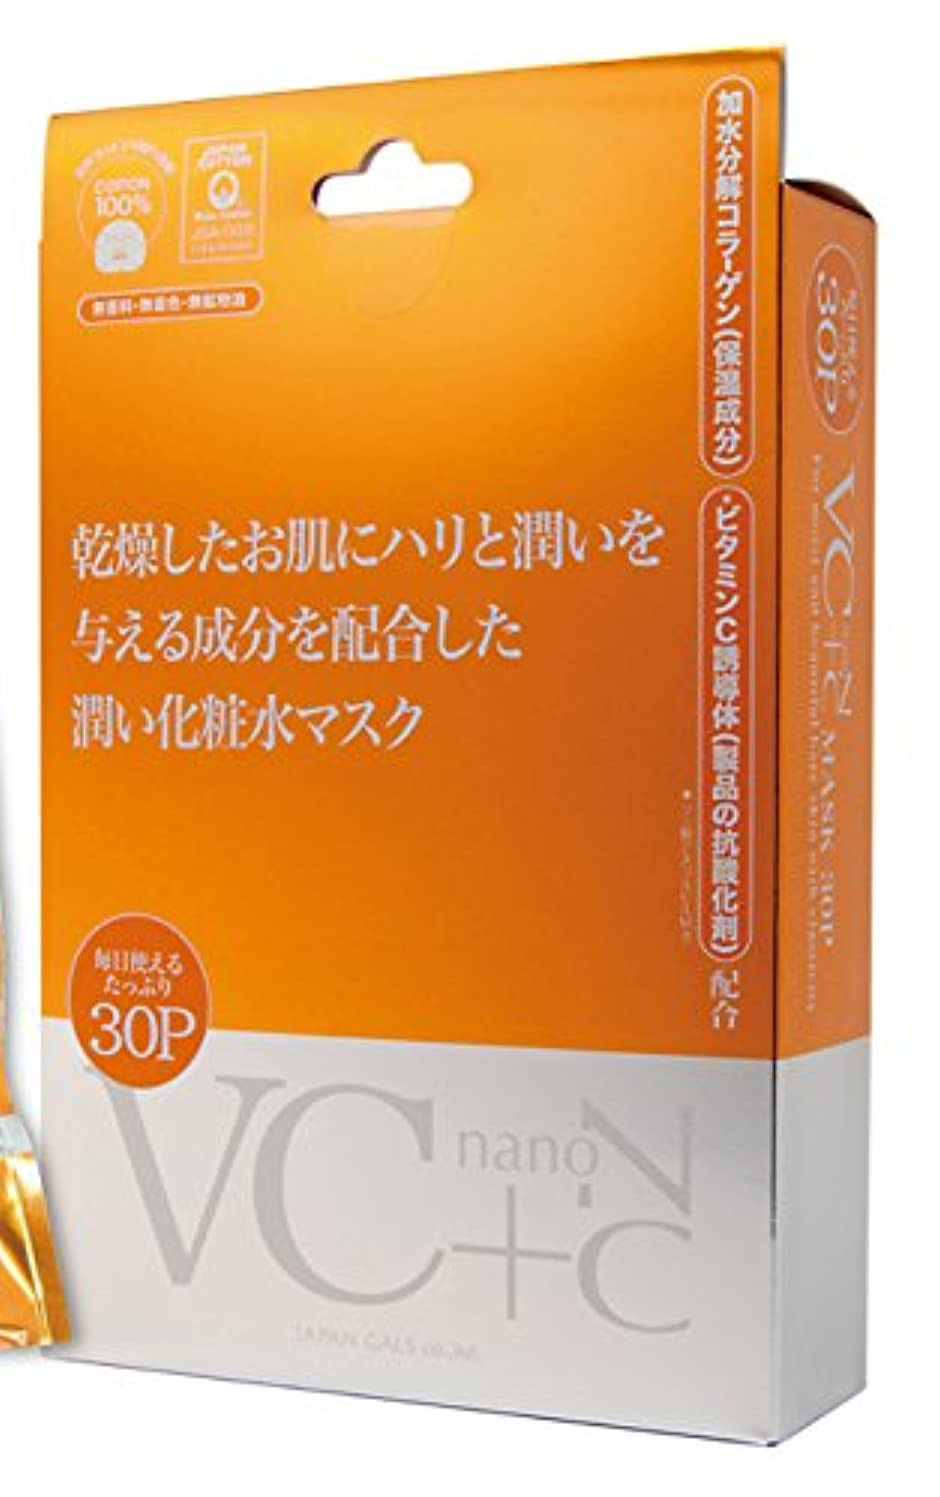 カプセル初期淡いジャパンギャルズ VC+nanoC(ブイシープラスナノシー) マスク30P